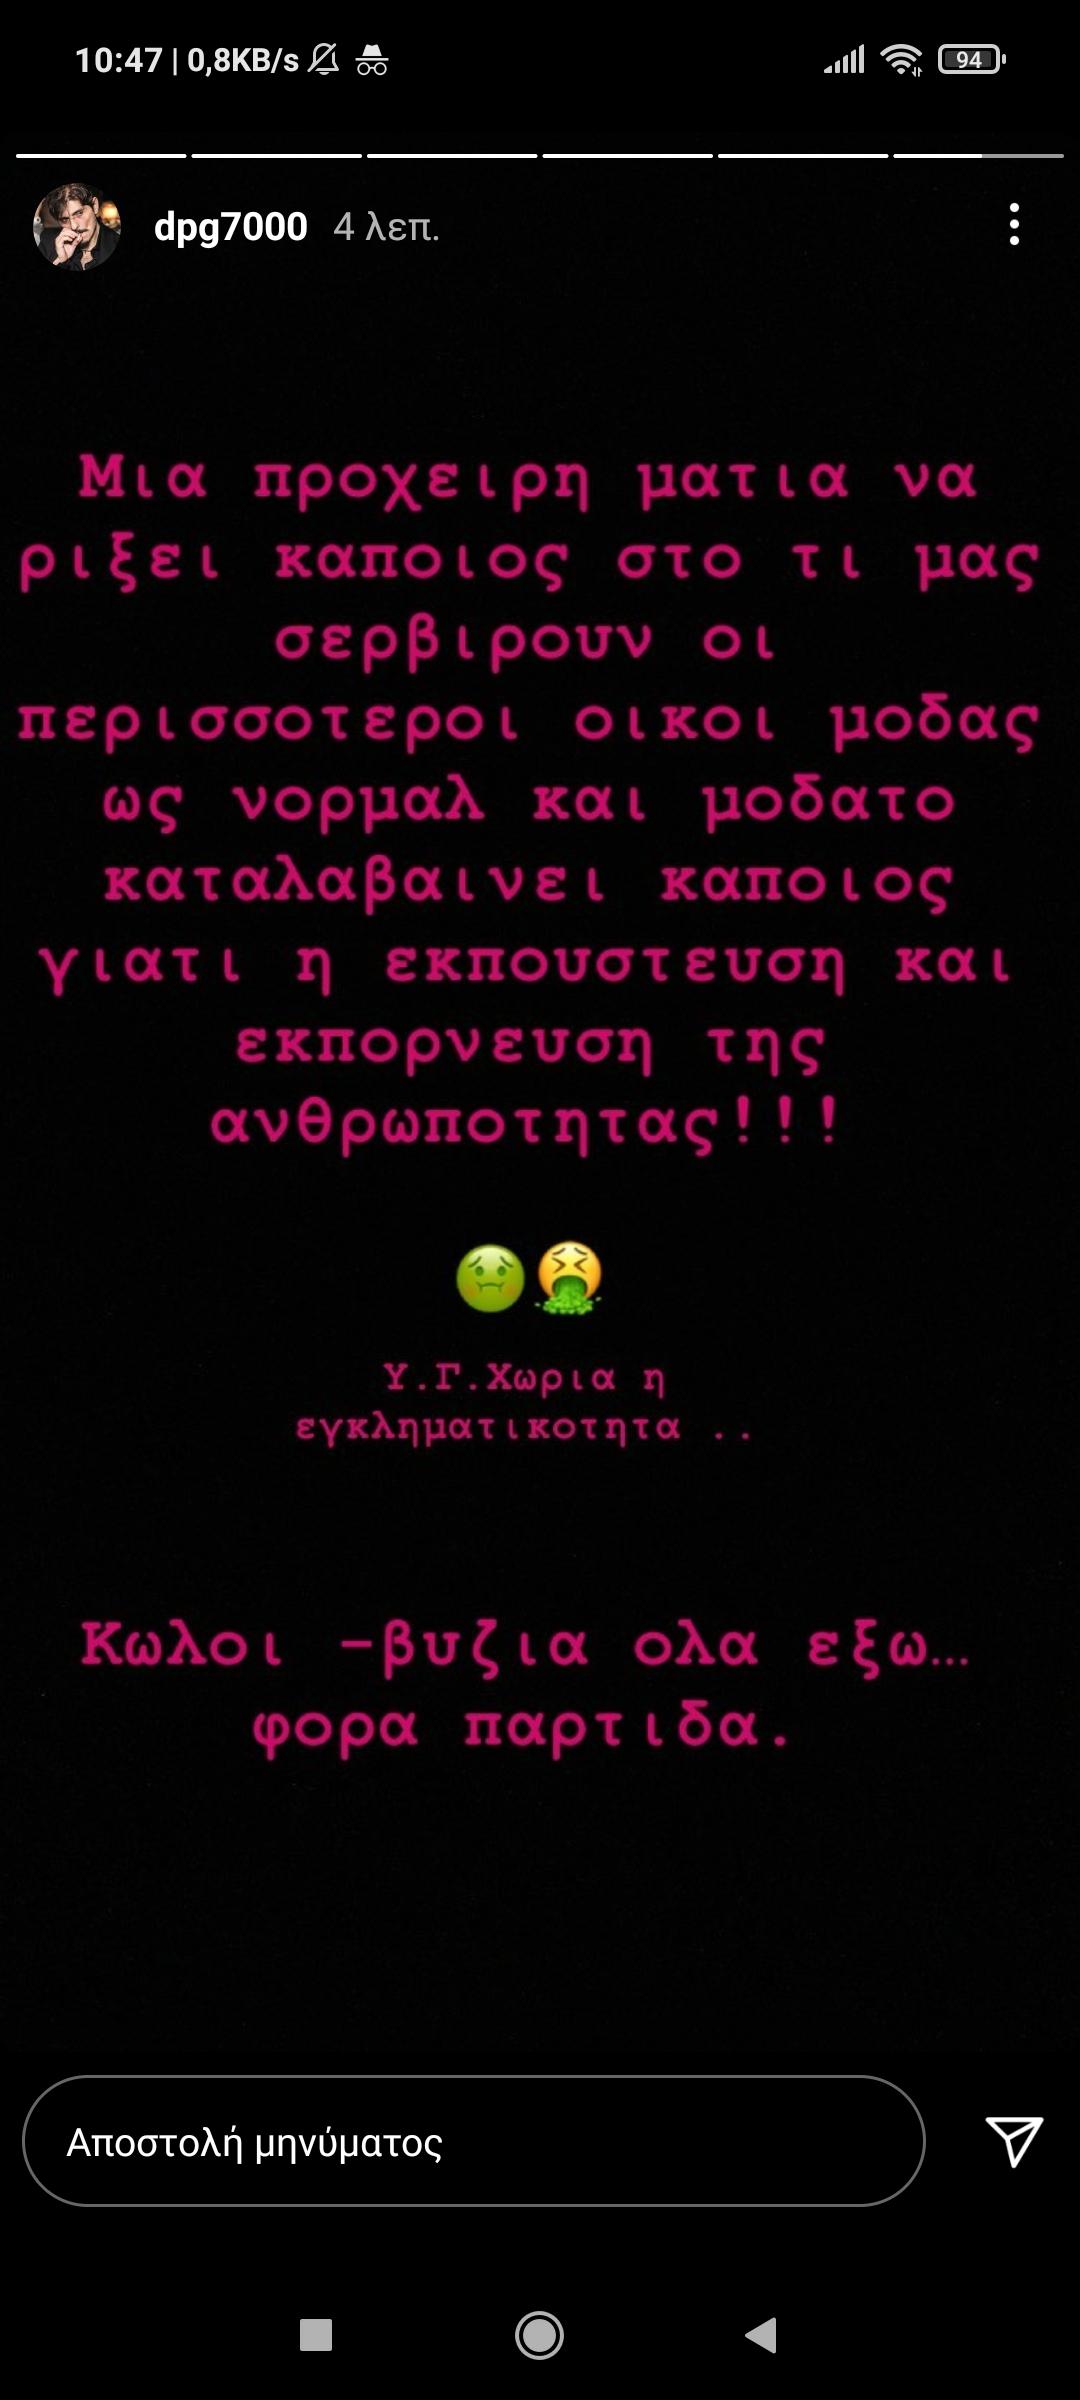 Γιαννακόπουλος: «Εκπούστευση» και «εκπουτάνευση» της ανθρωπότητας